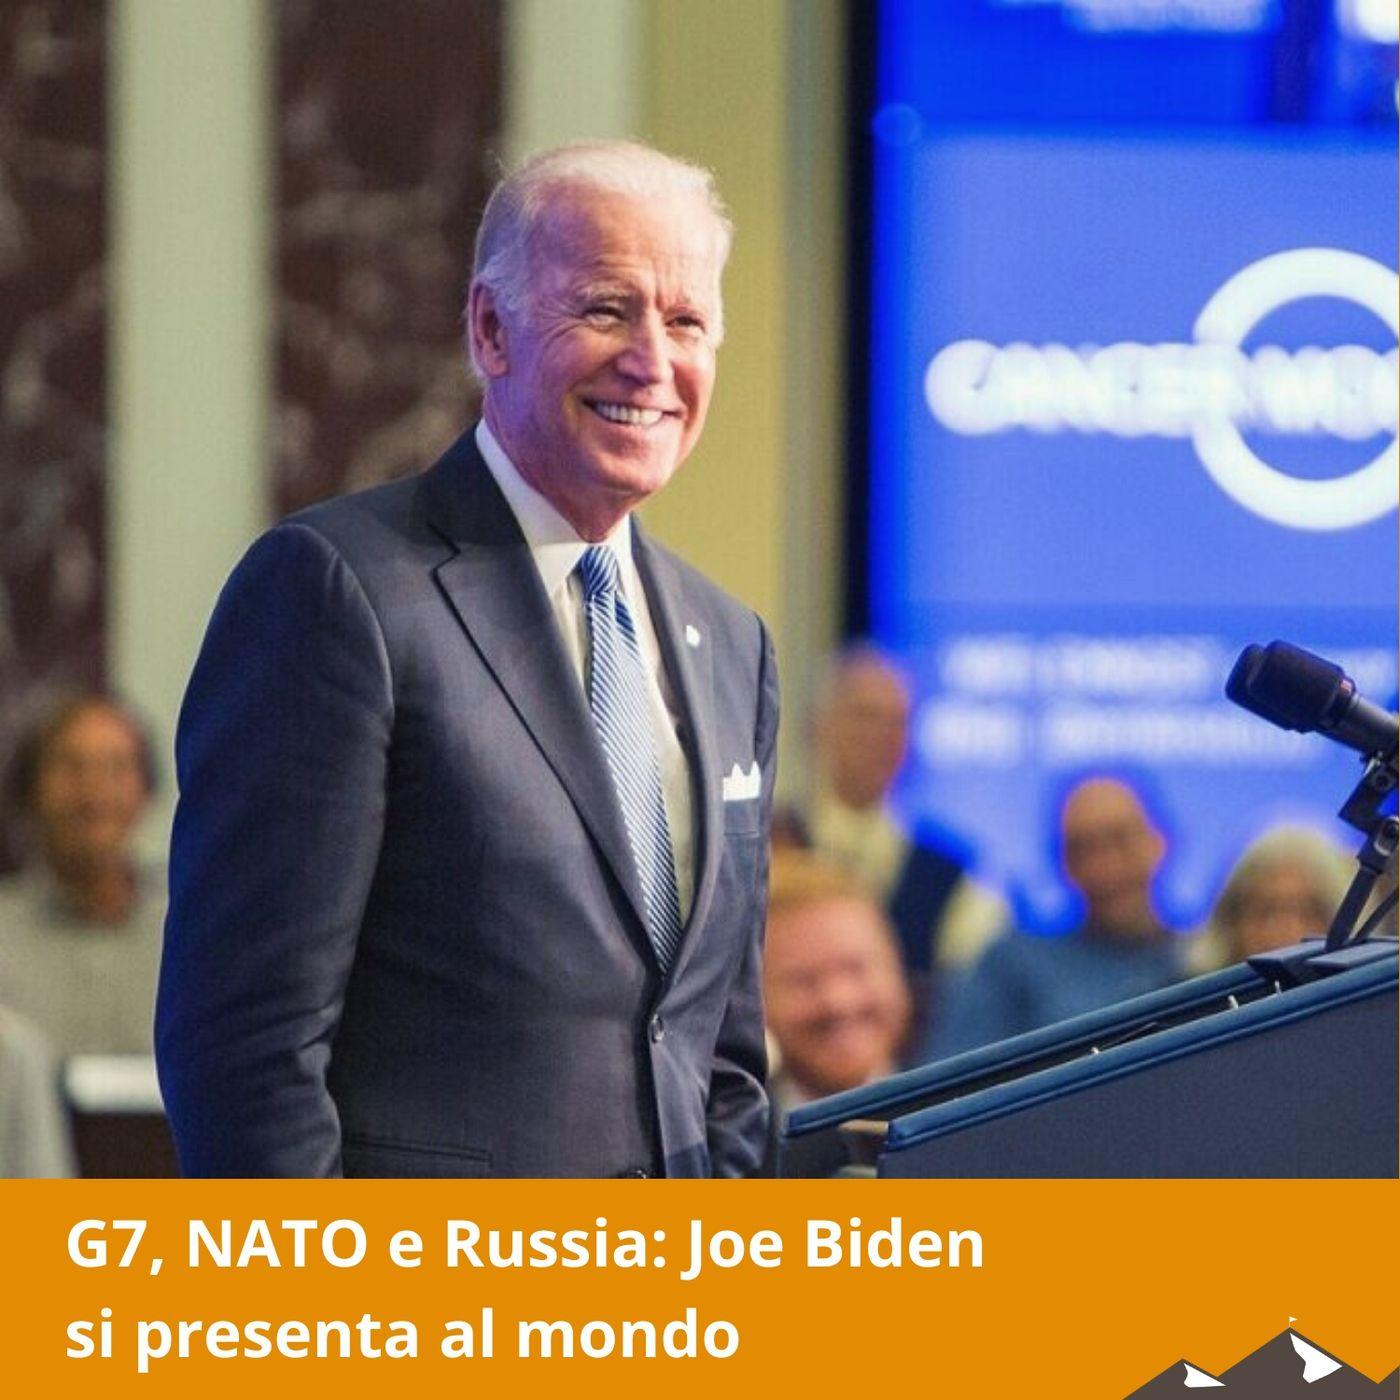 G7, NATO e Russia: Joe Biden si presenta al mondo